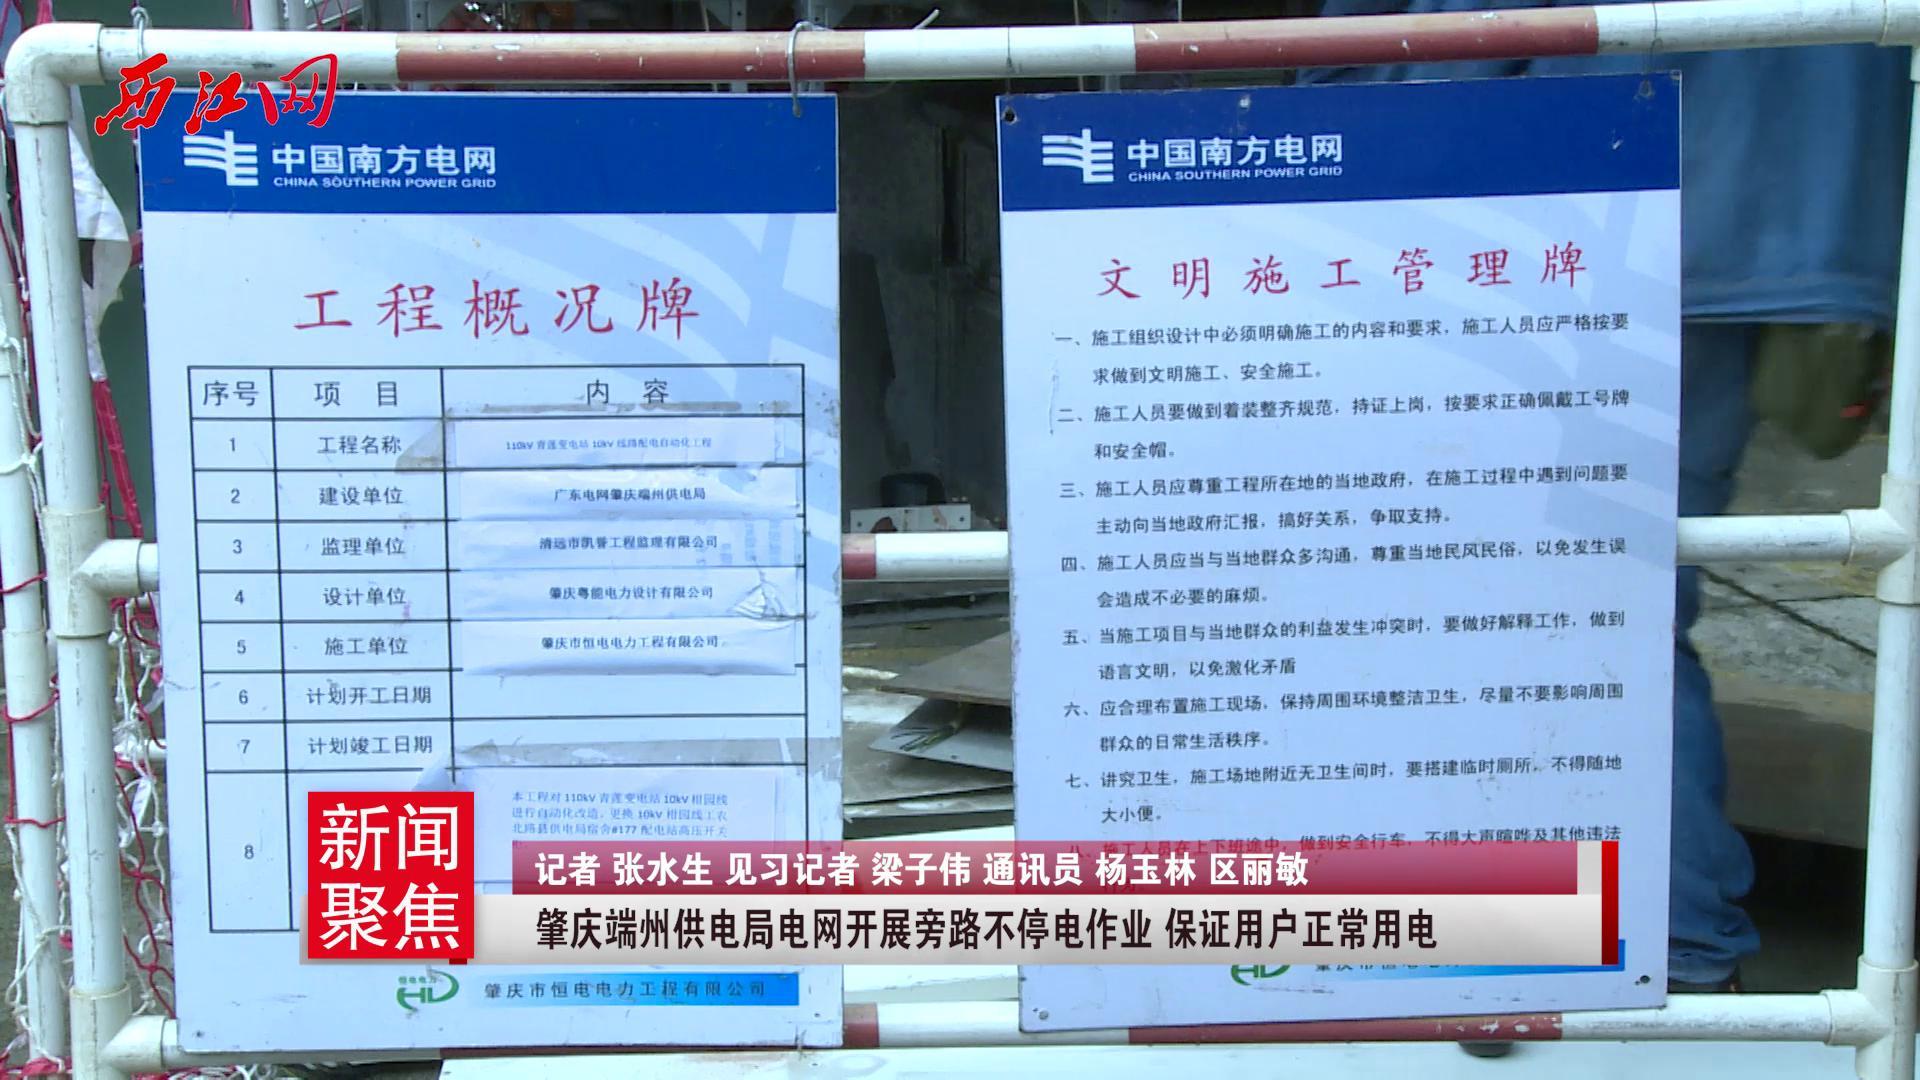 肇庆端州供电局电网开展旁路不停电作业